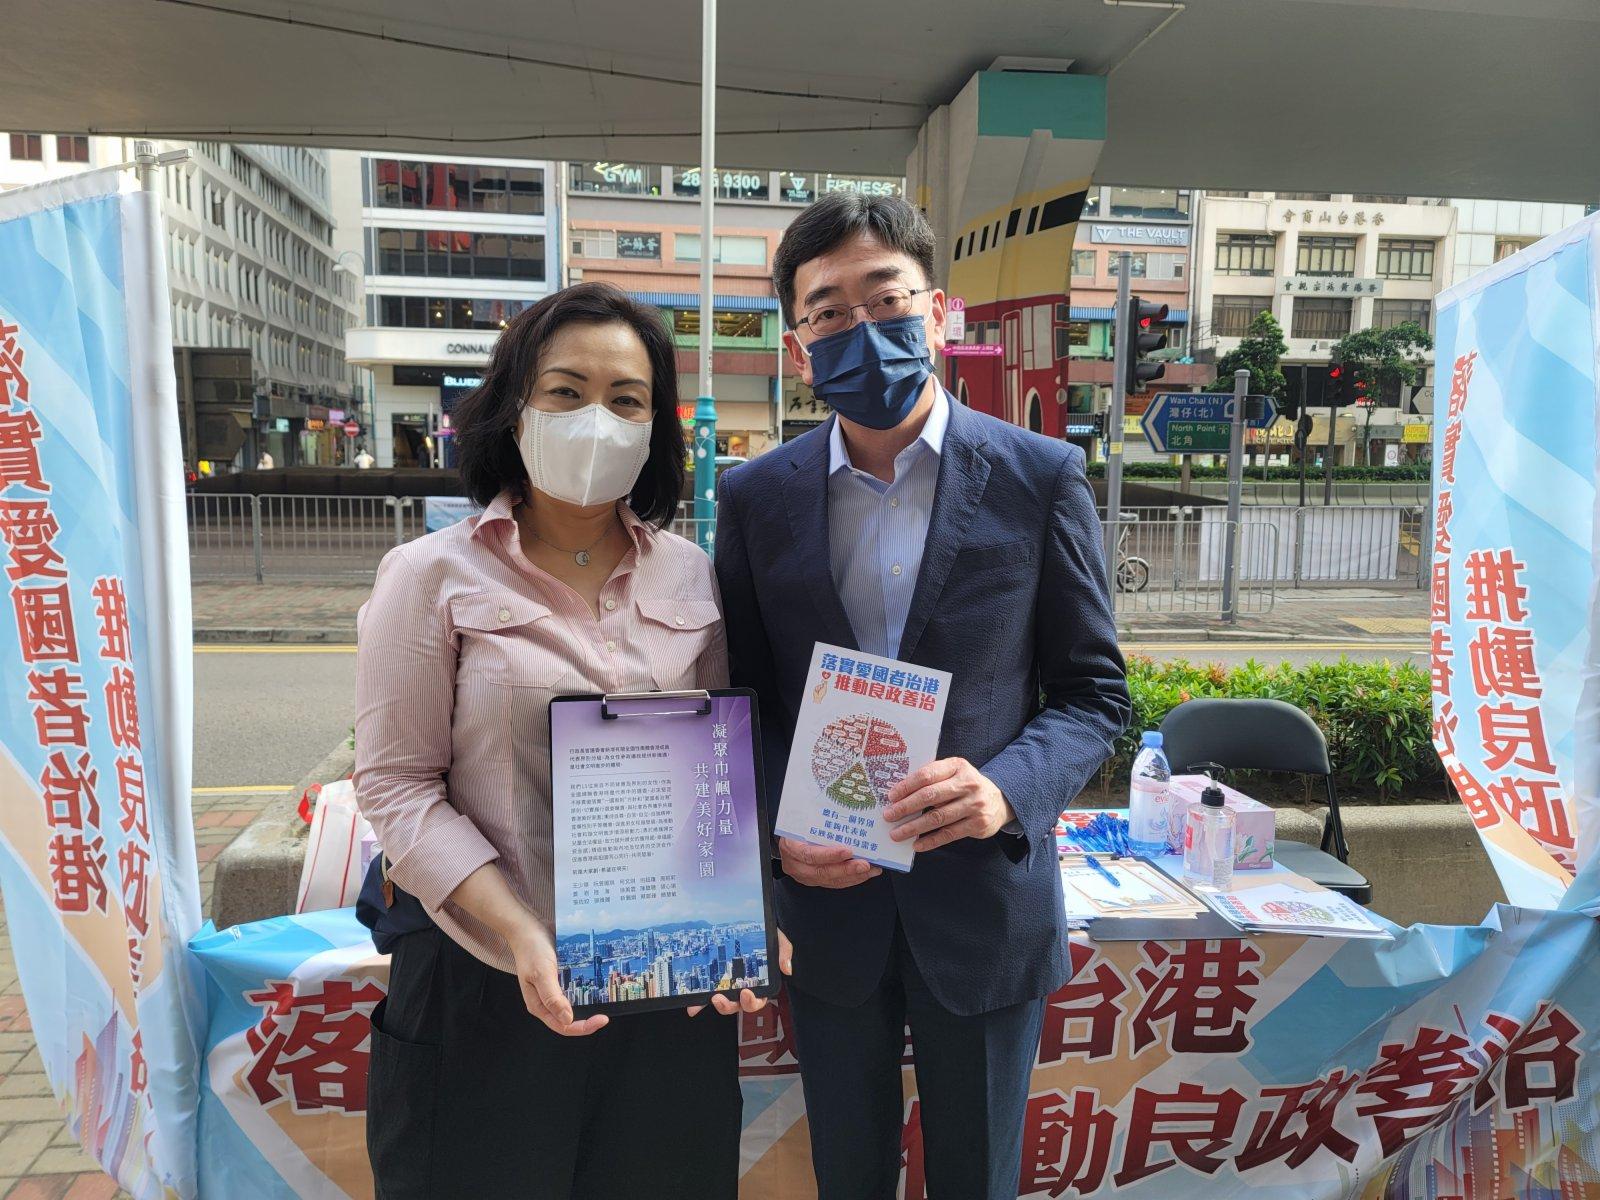 全國政協委員、香港醫務委員會委員高永文在上環街站派發傳單。